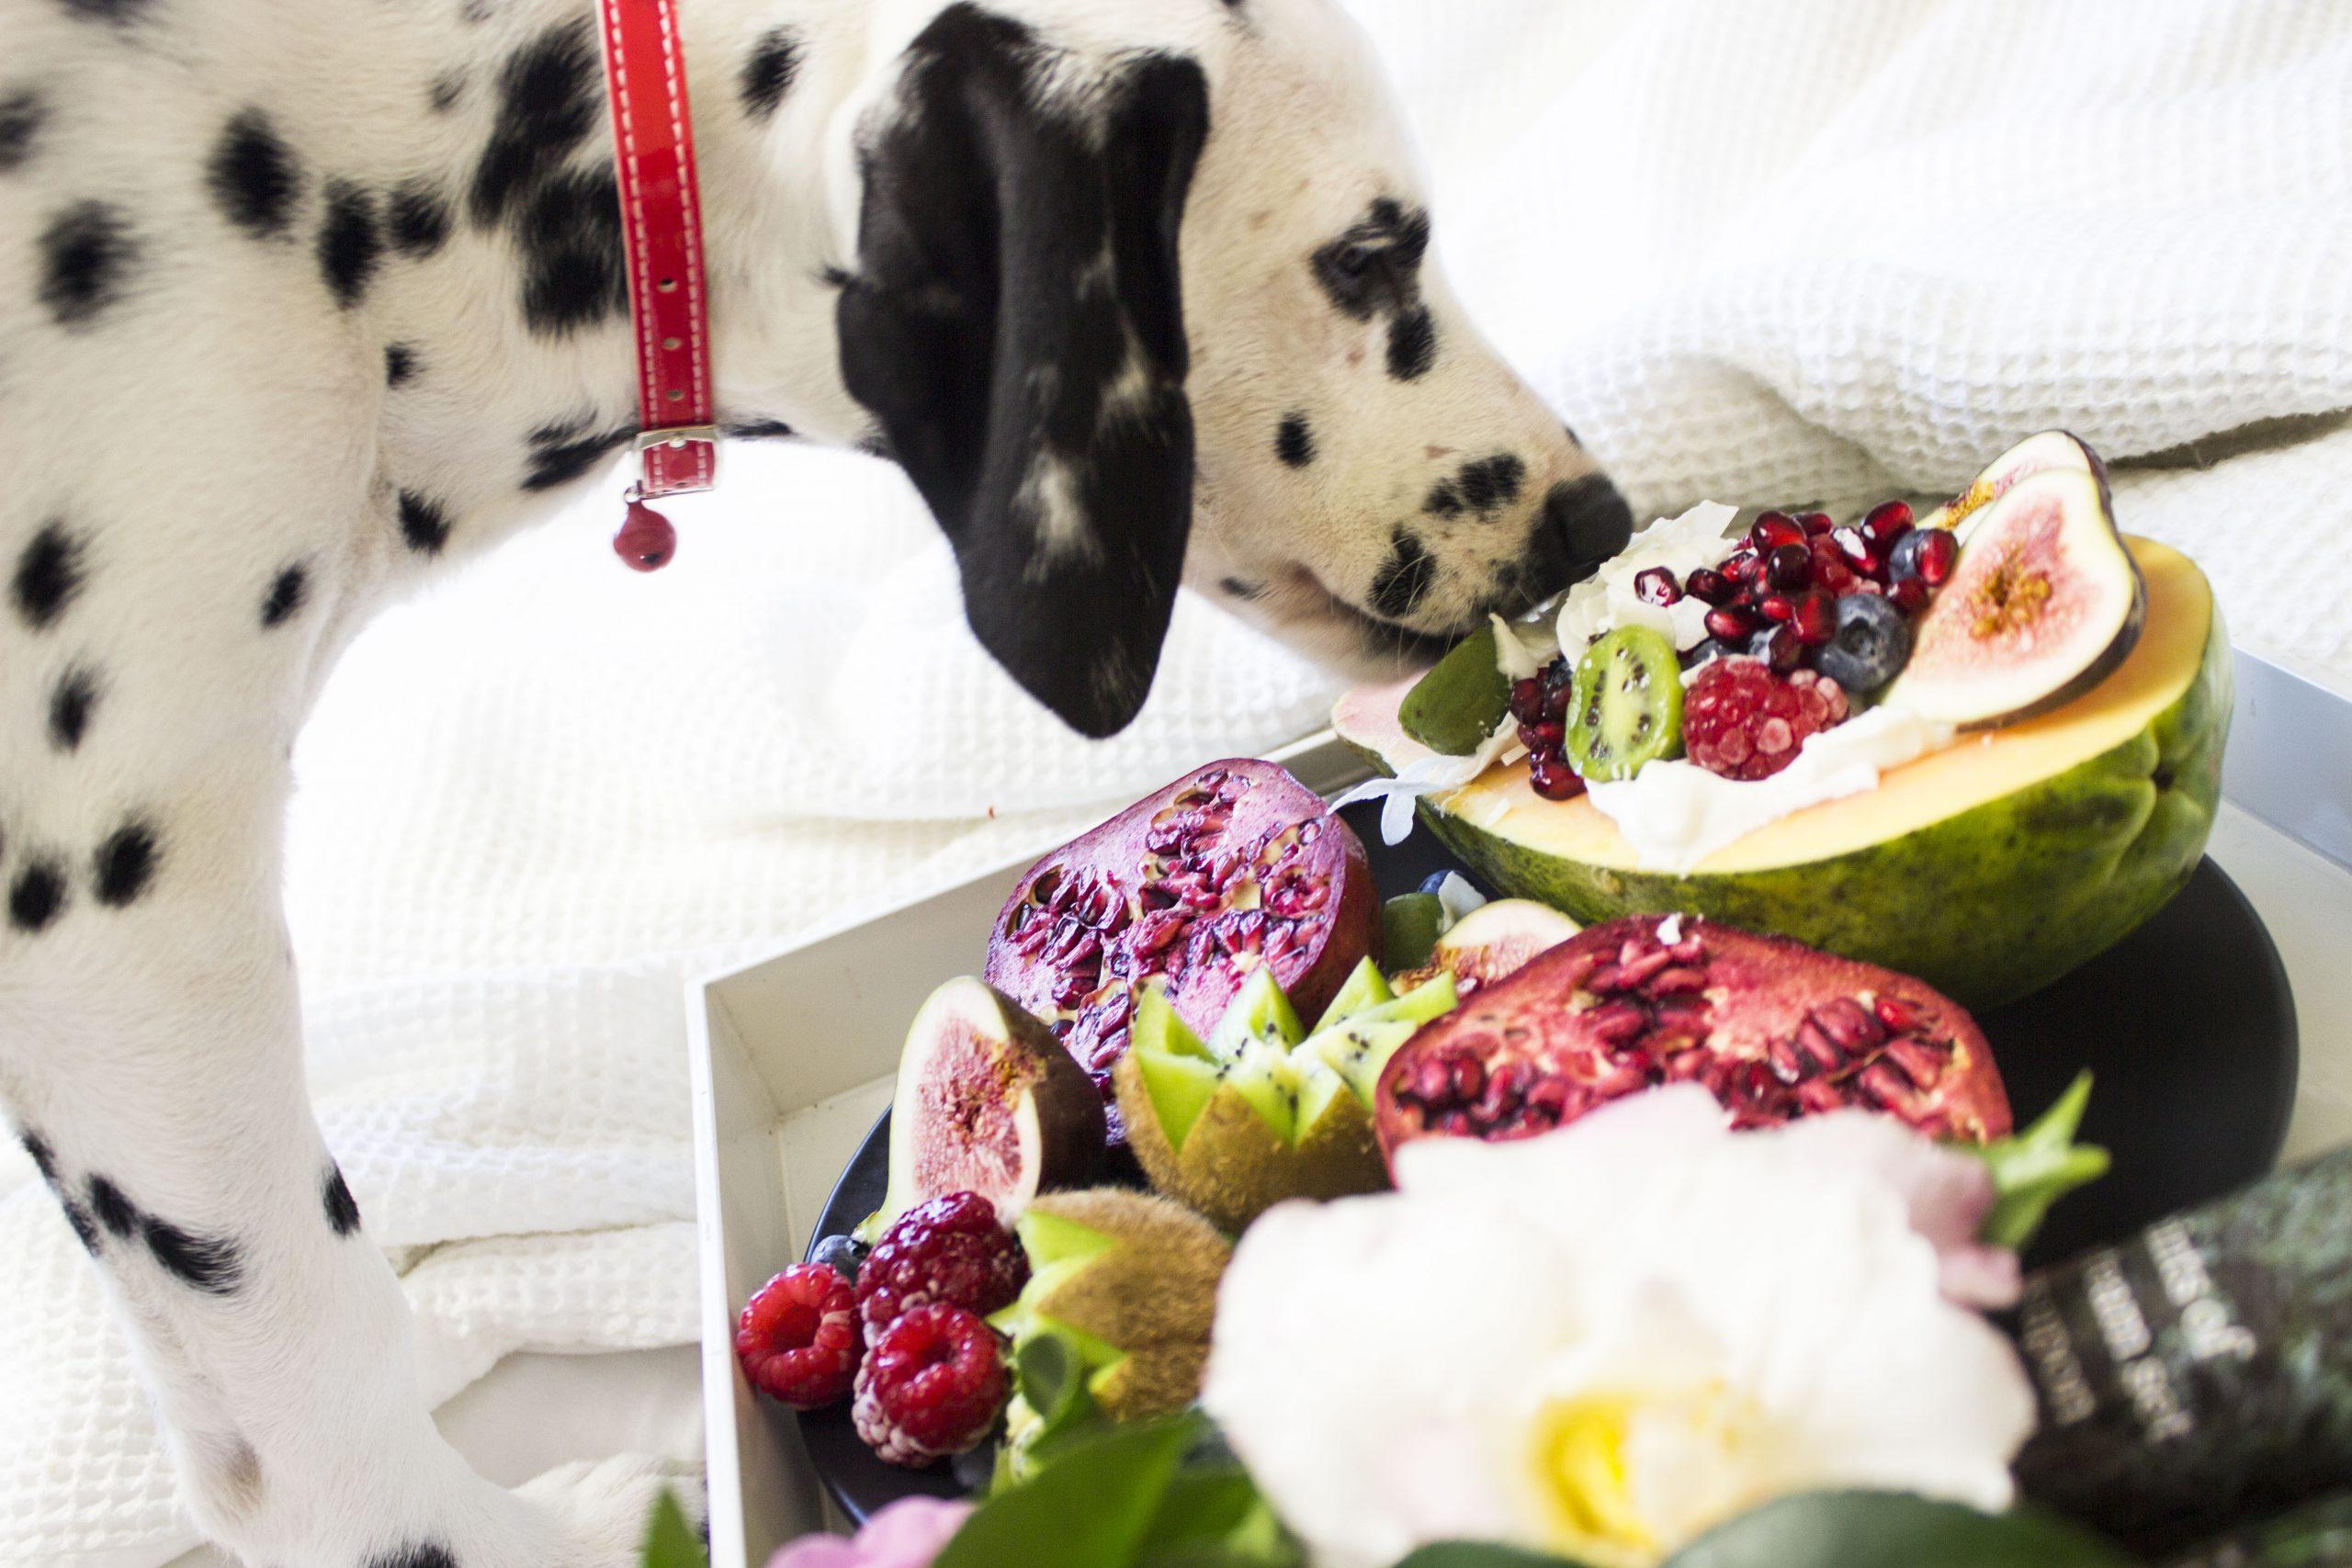 Dalmatian dog eating a variety of fruits